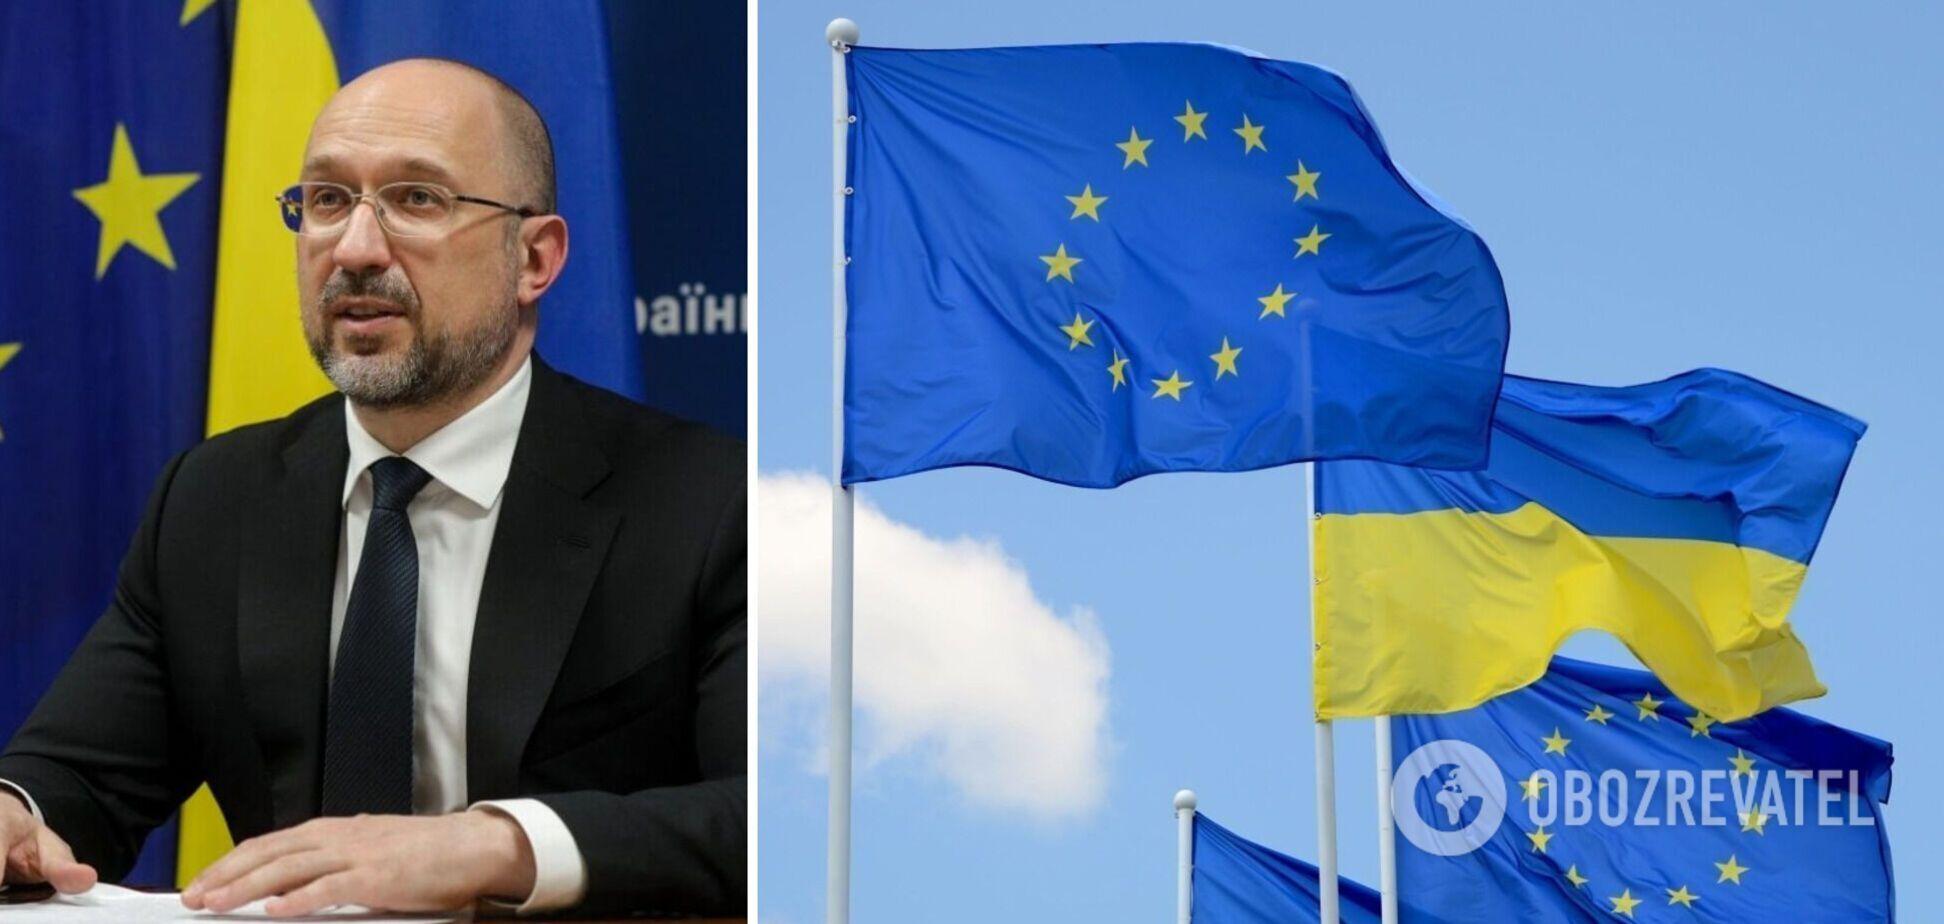 Украина планирует договориться с ЕС о пяти 'безвизах': Шмыгаль раскрыл детали